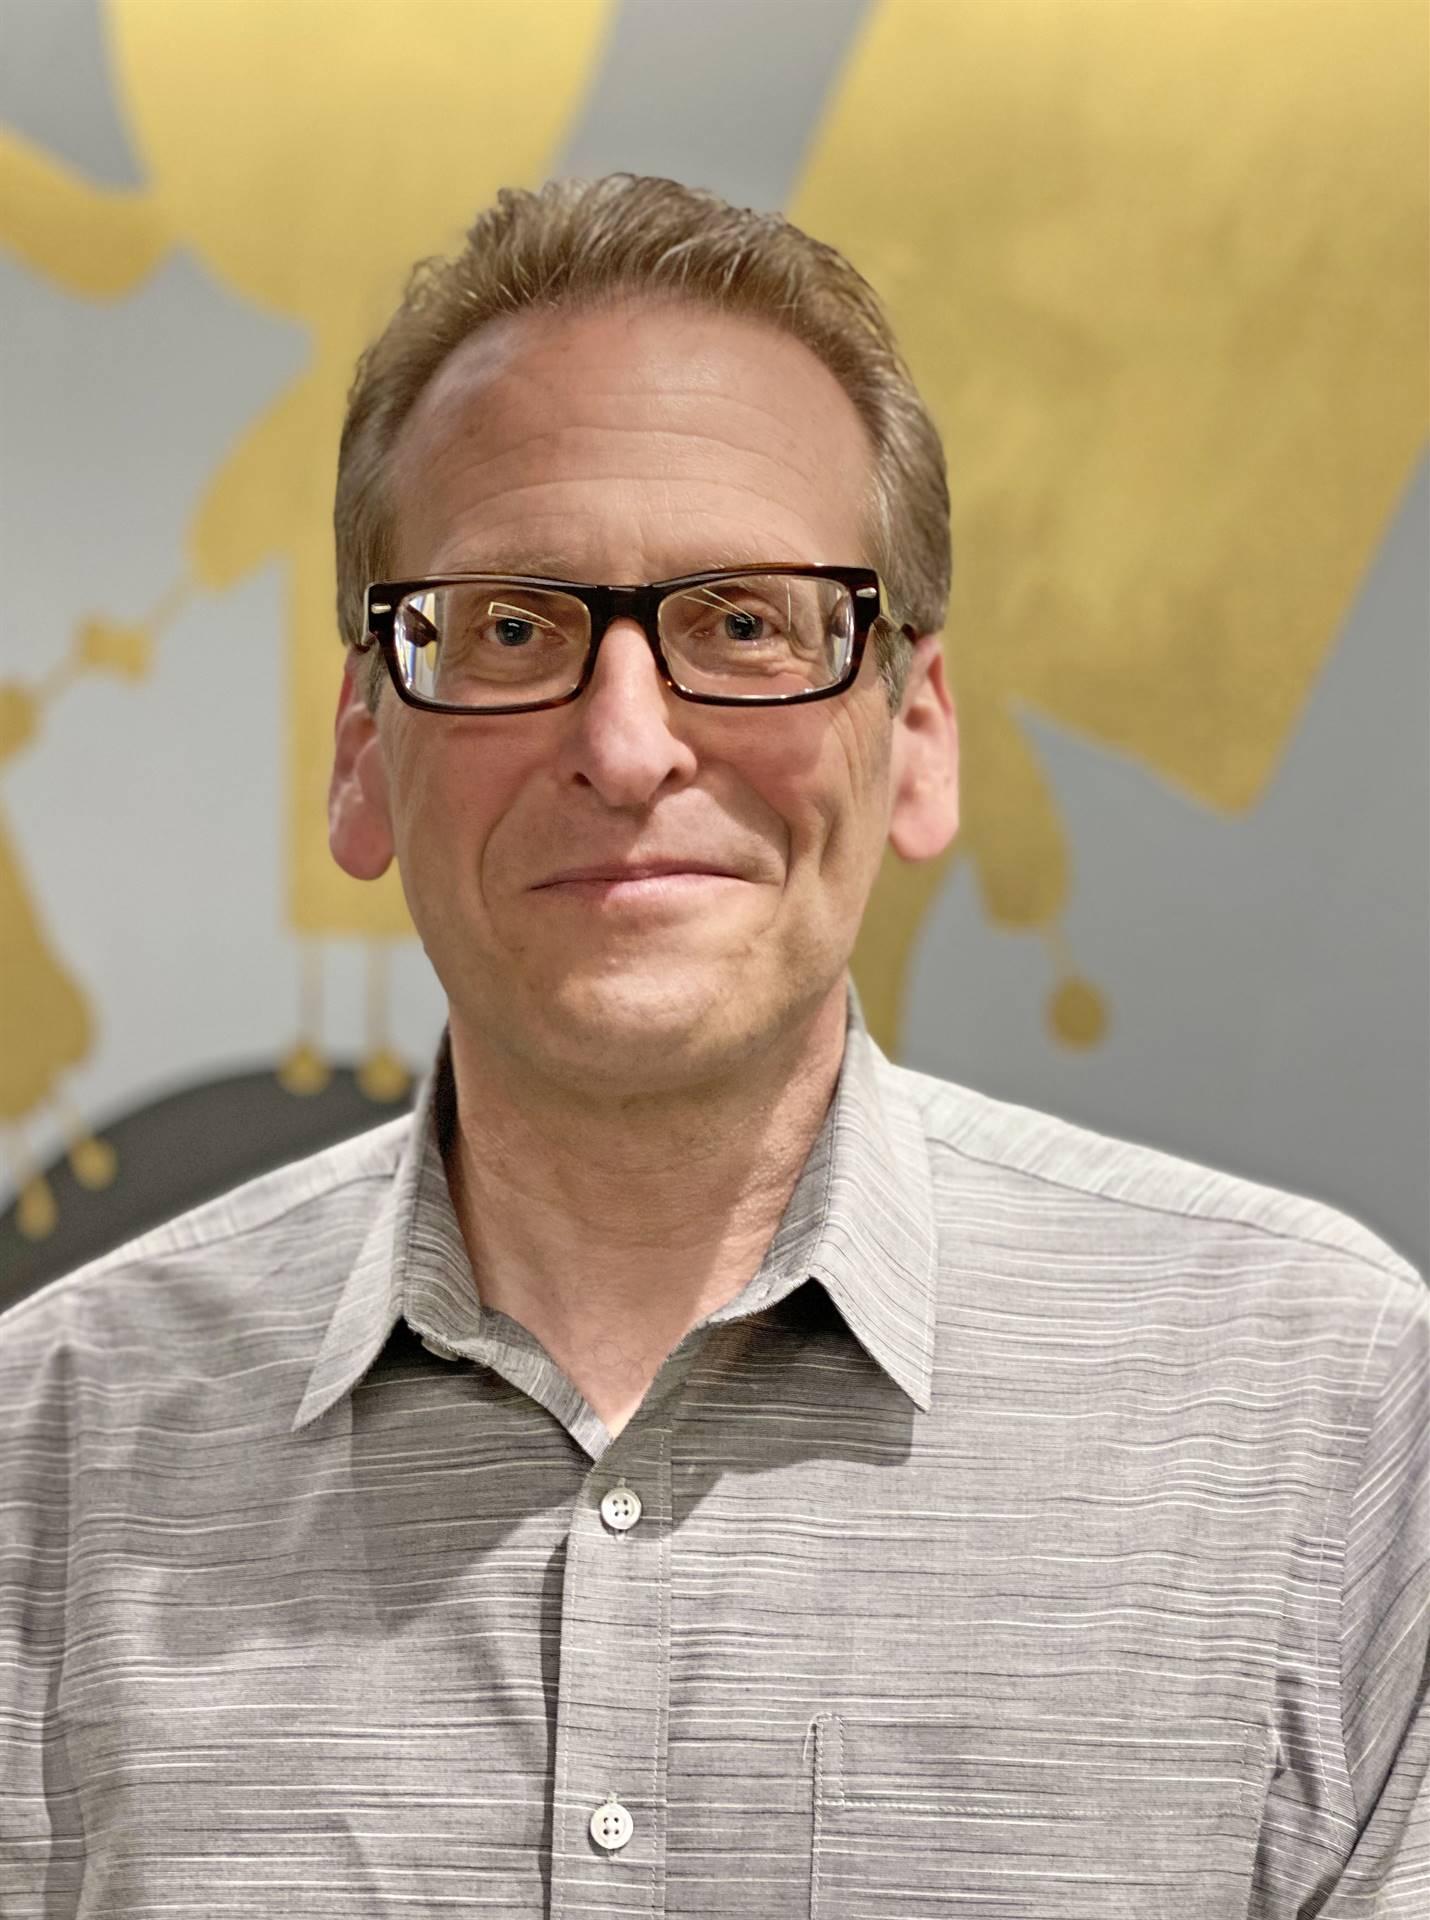 Jon Hauptman